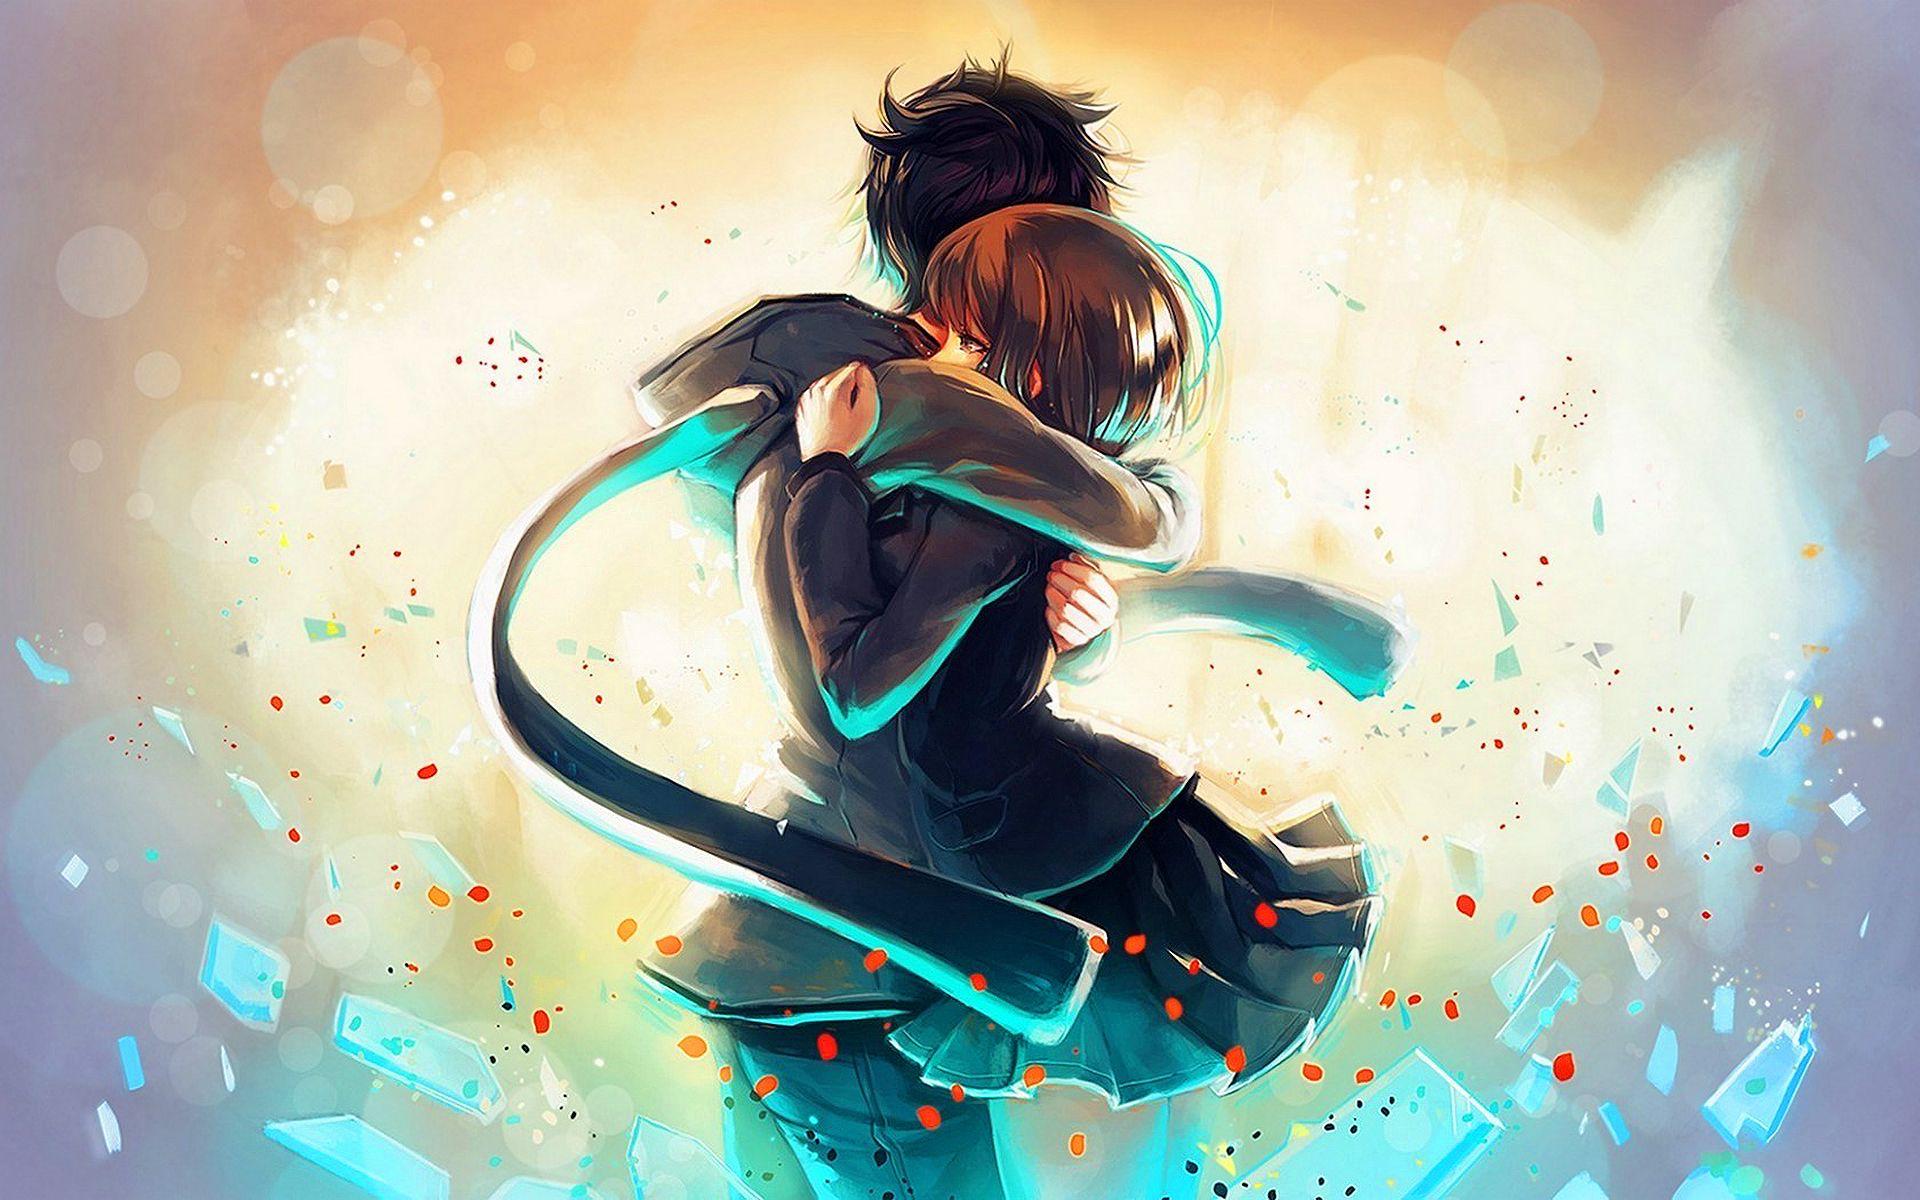 Anime boy girl hug Wallpapers Pictures Romantic anime